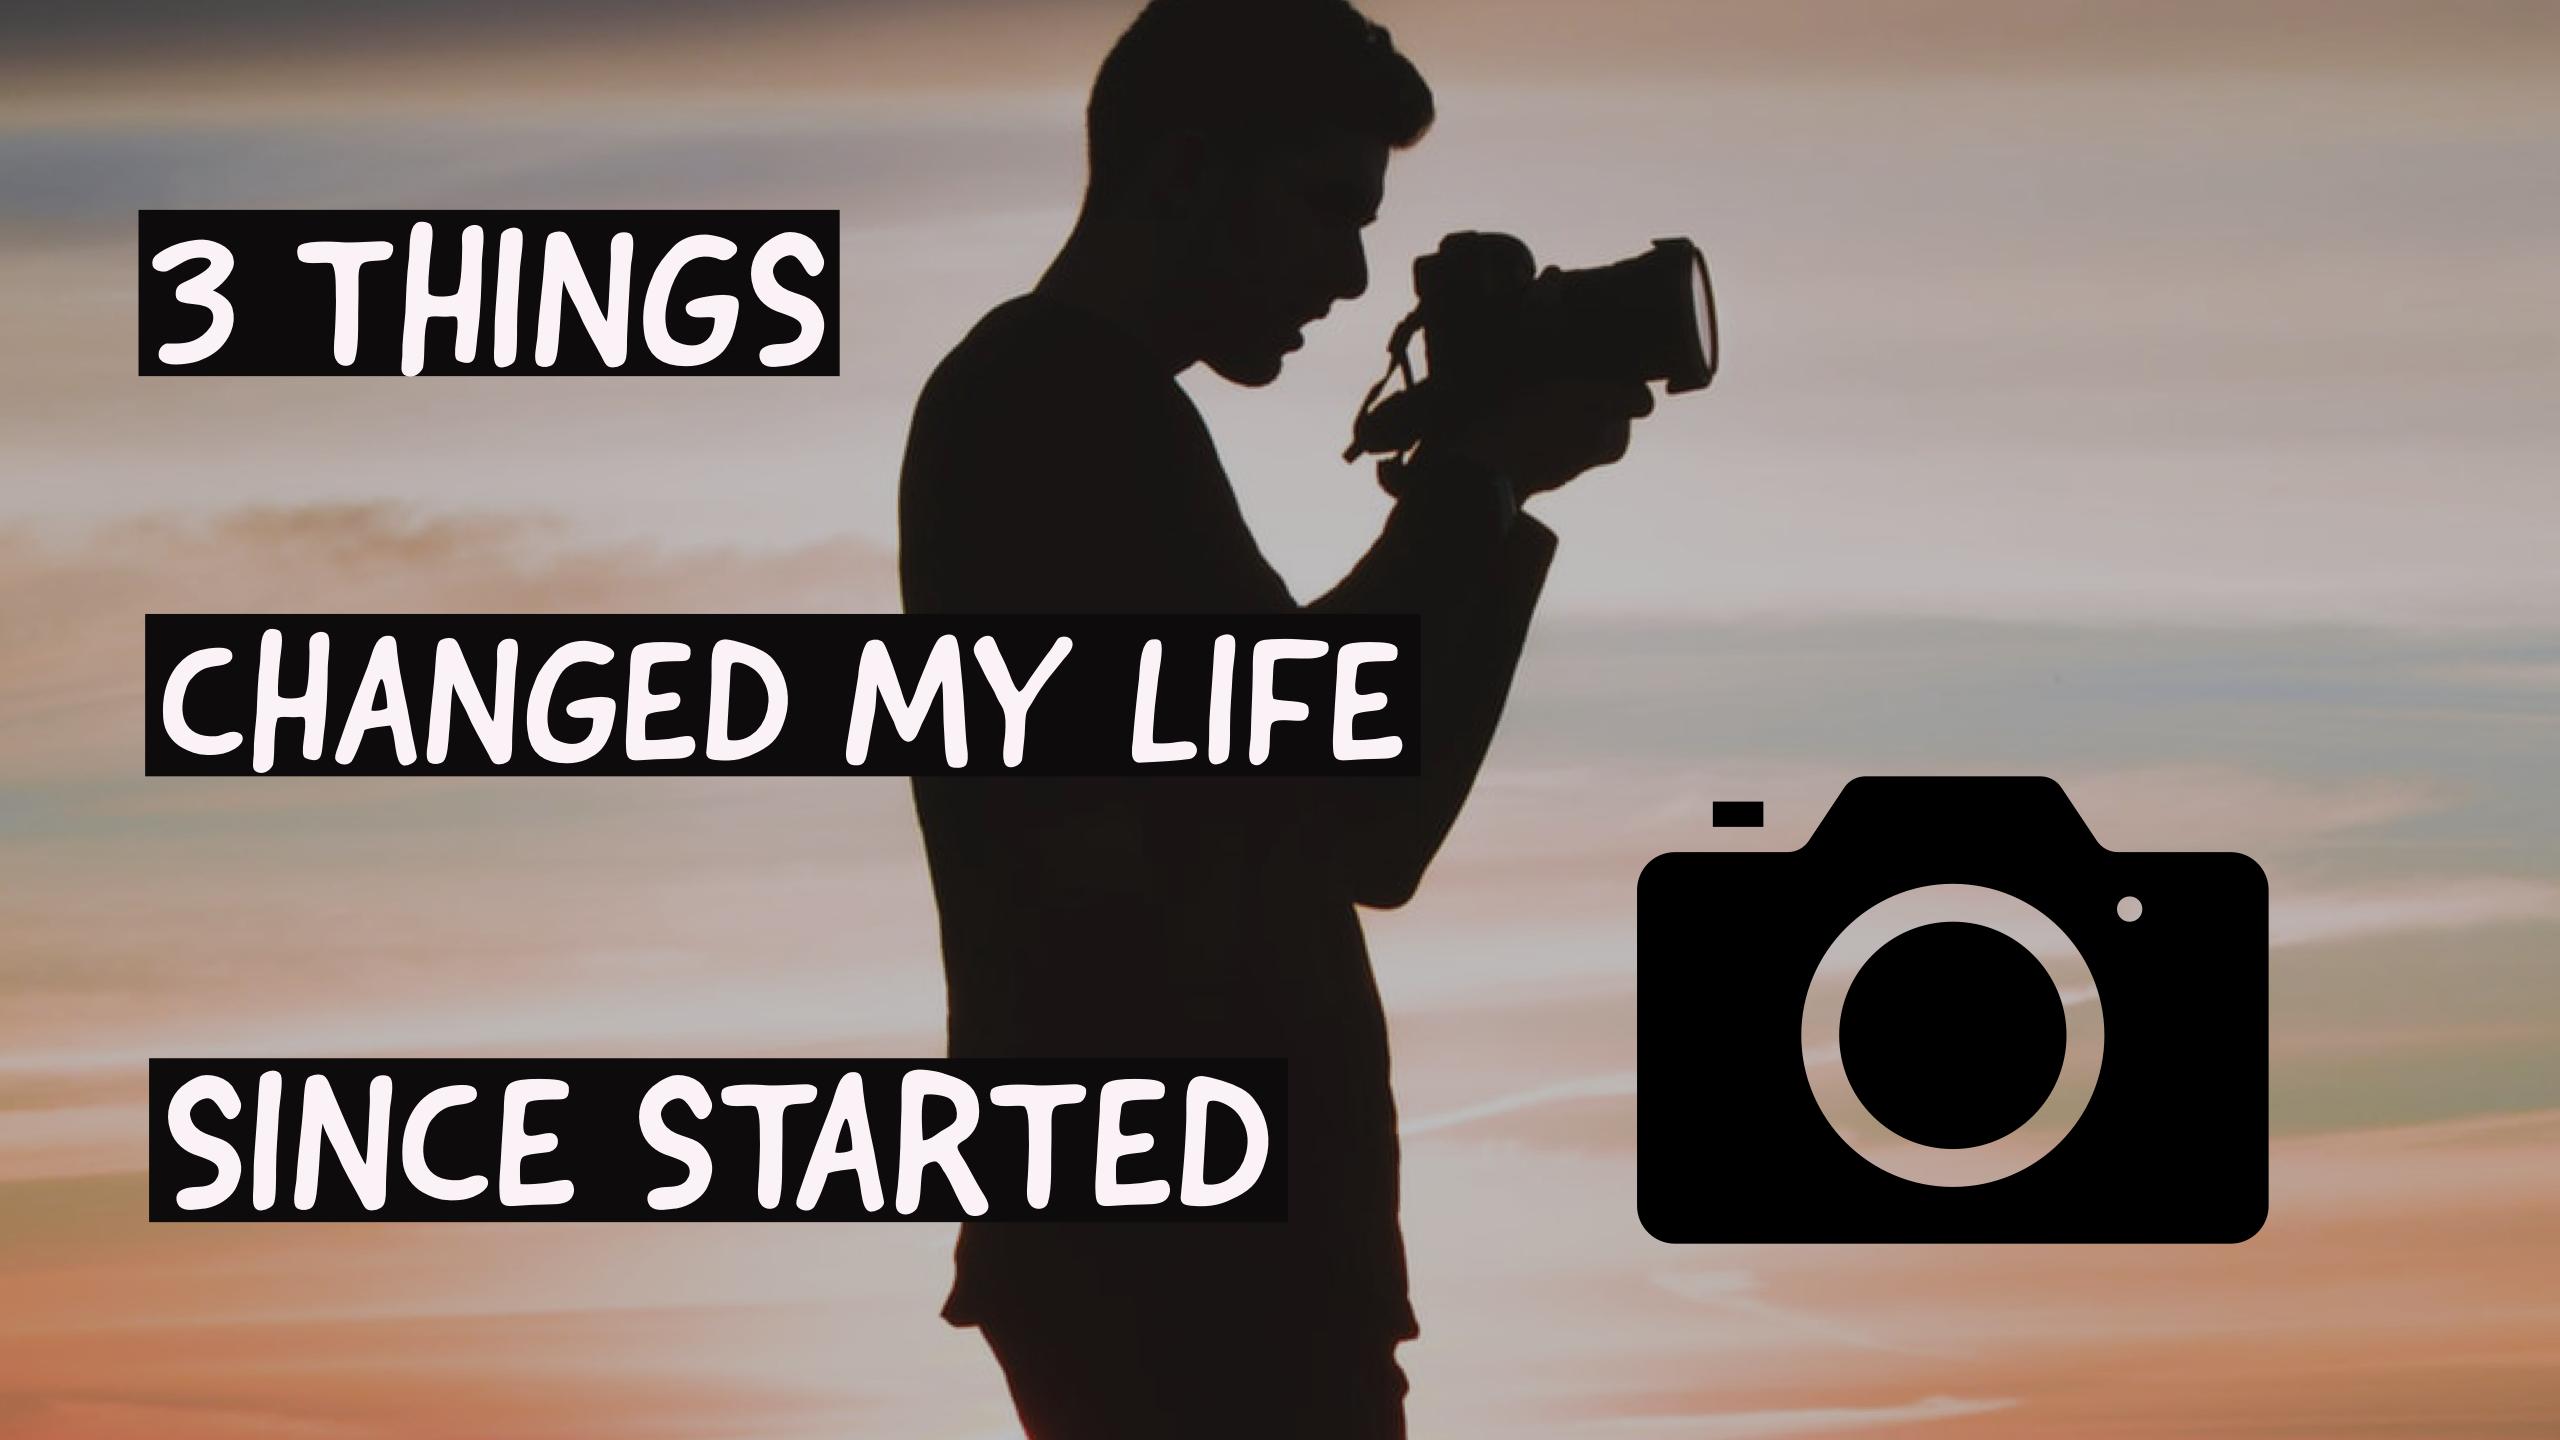 社会人(男)がカメラを始めて人生が変わった3つのこと【きっかけや費用も!】